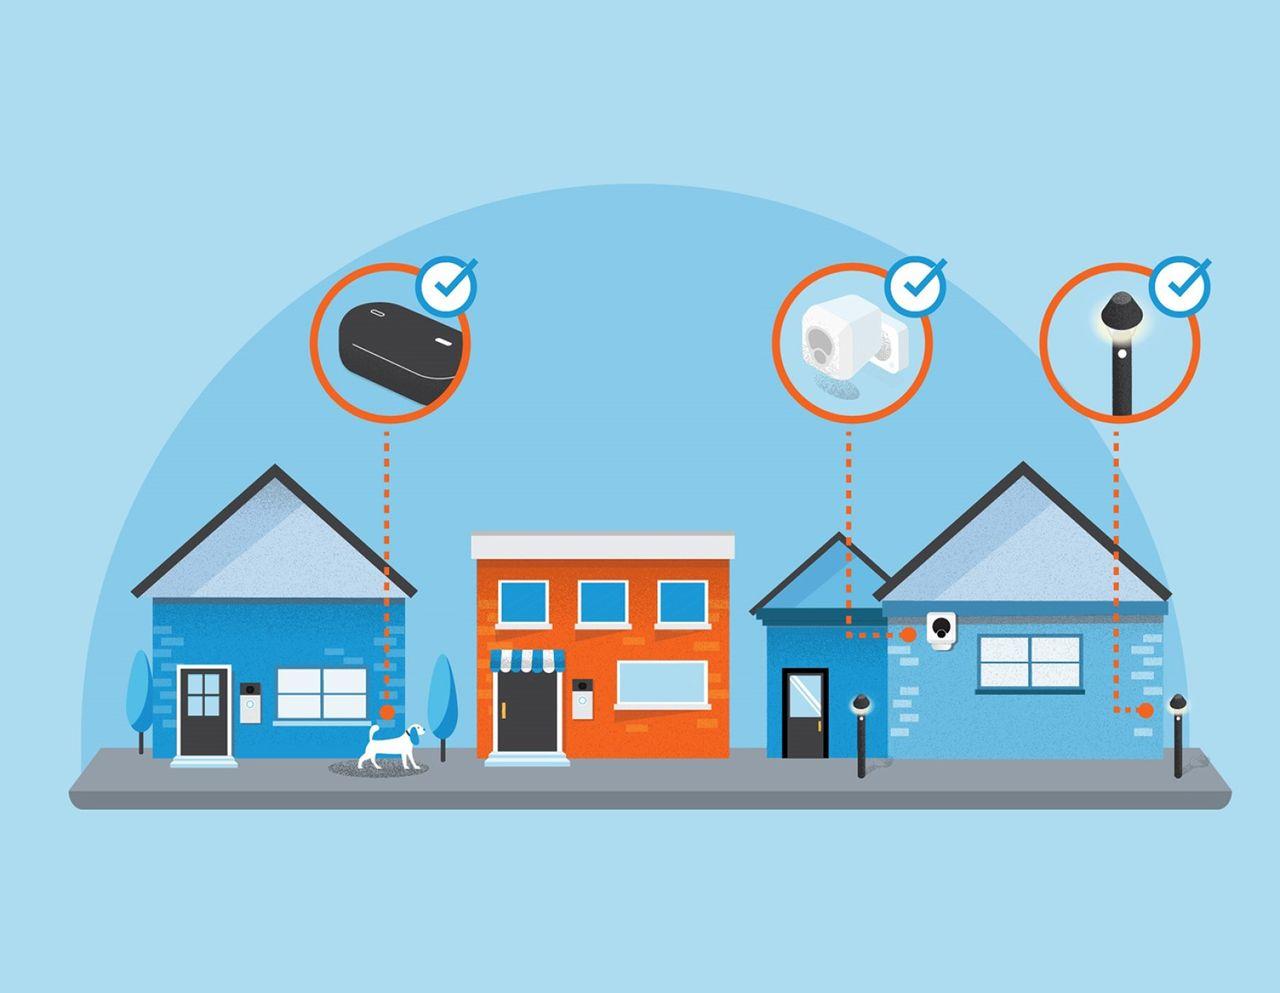 Amazon berättar lite mer om  trådlösa IoT-protokollet Sidewalk